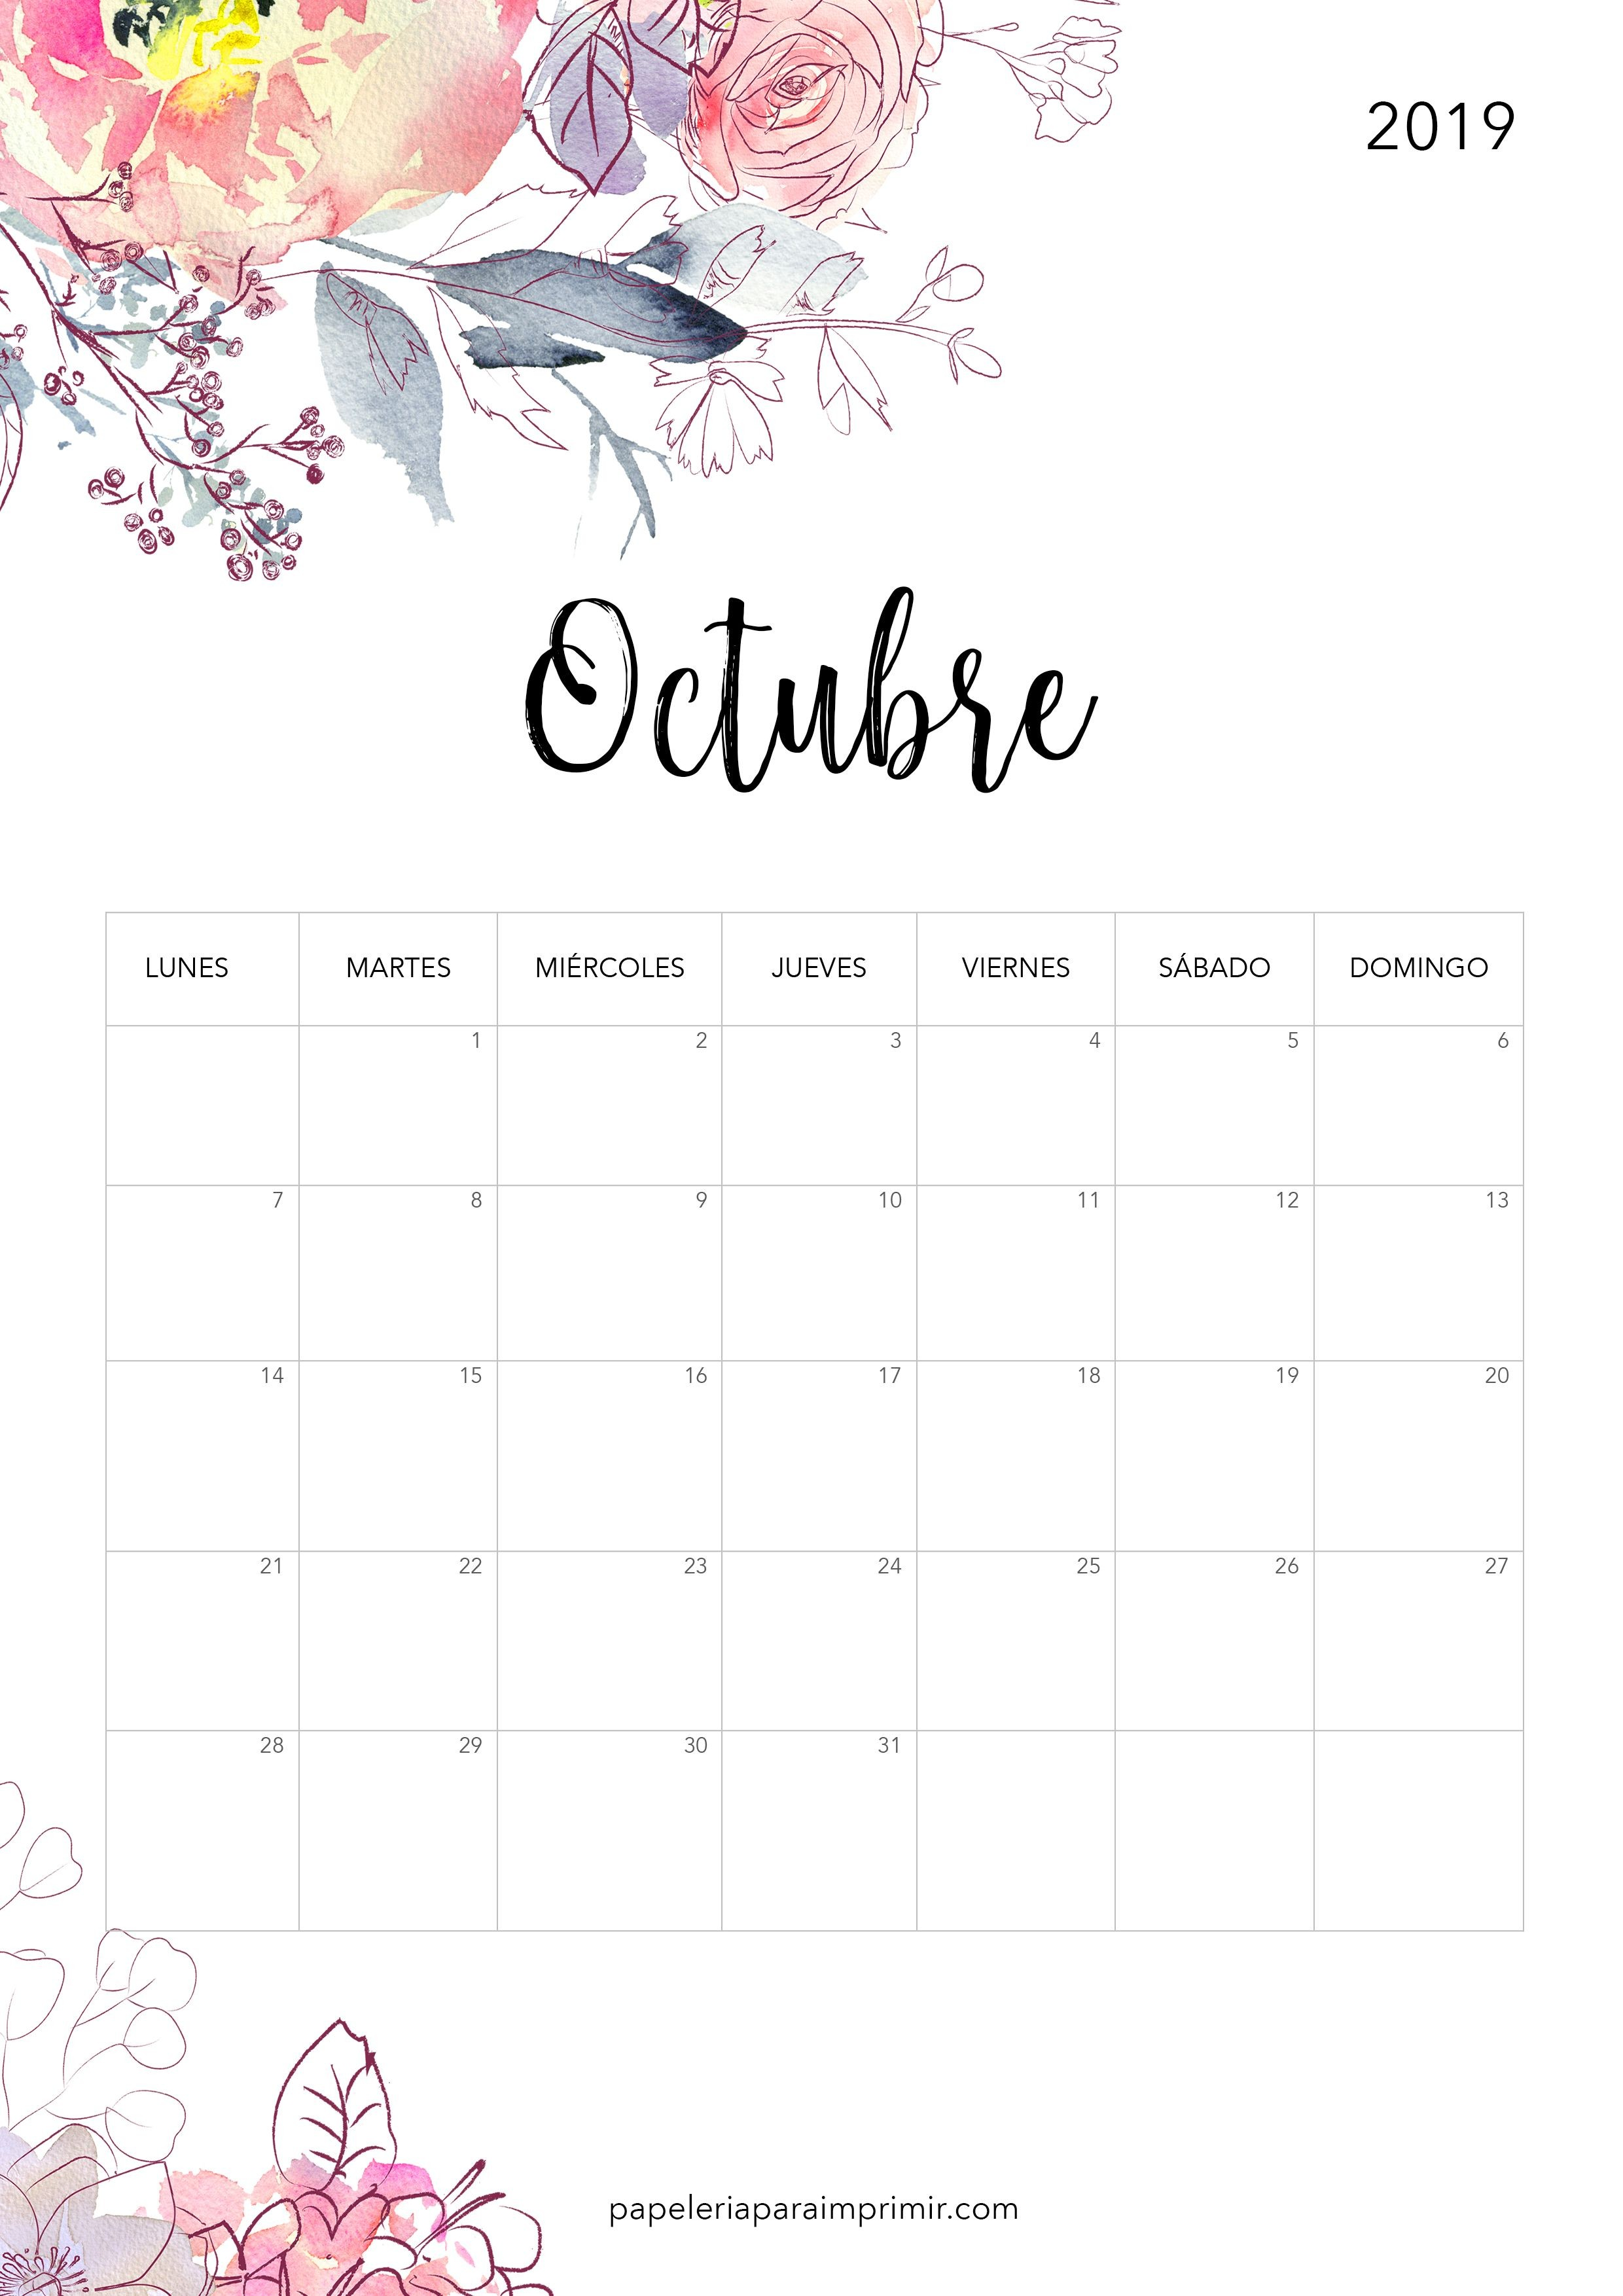 Calendario 2020 Y Sus Dias Festivos Más Actual Papeleria Para Imprimir Papeleriaparaimprimir En Pinterest Of Calendario 2020 Y Sus Dias Festivos Mejores Y Más Novedosos Texto Consolidado R2447 — Es — 21 04 2018